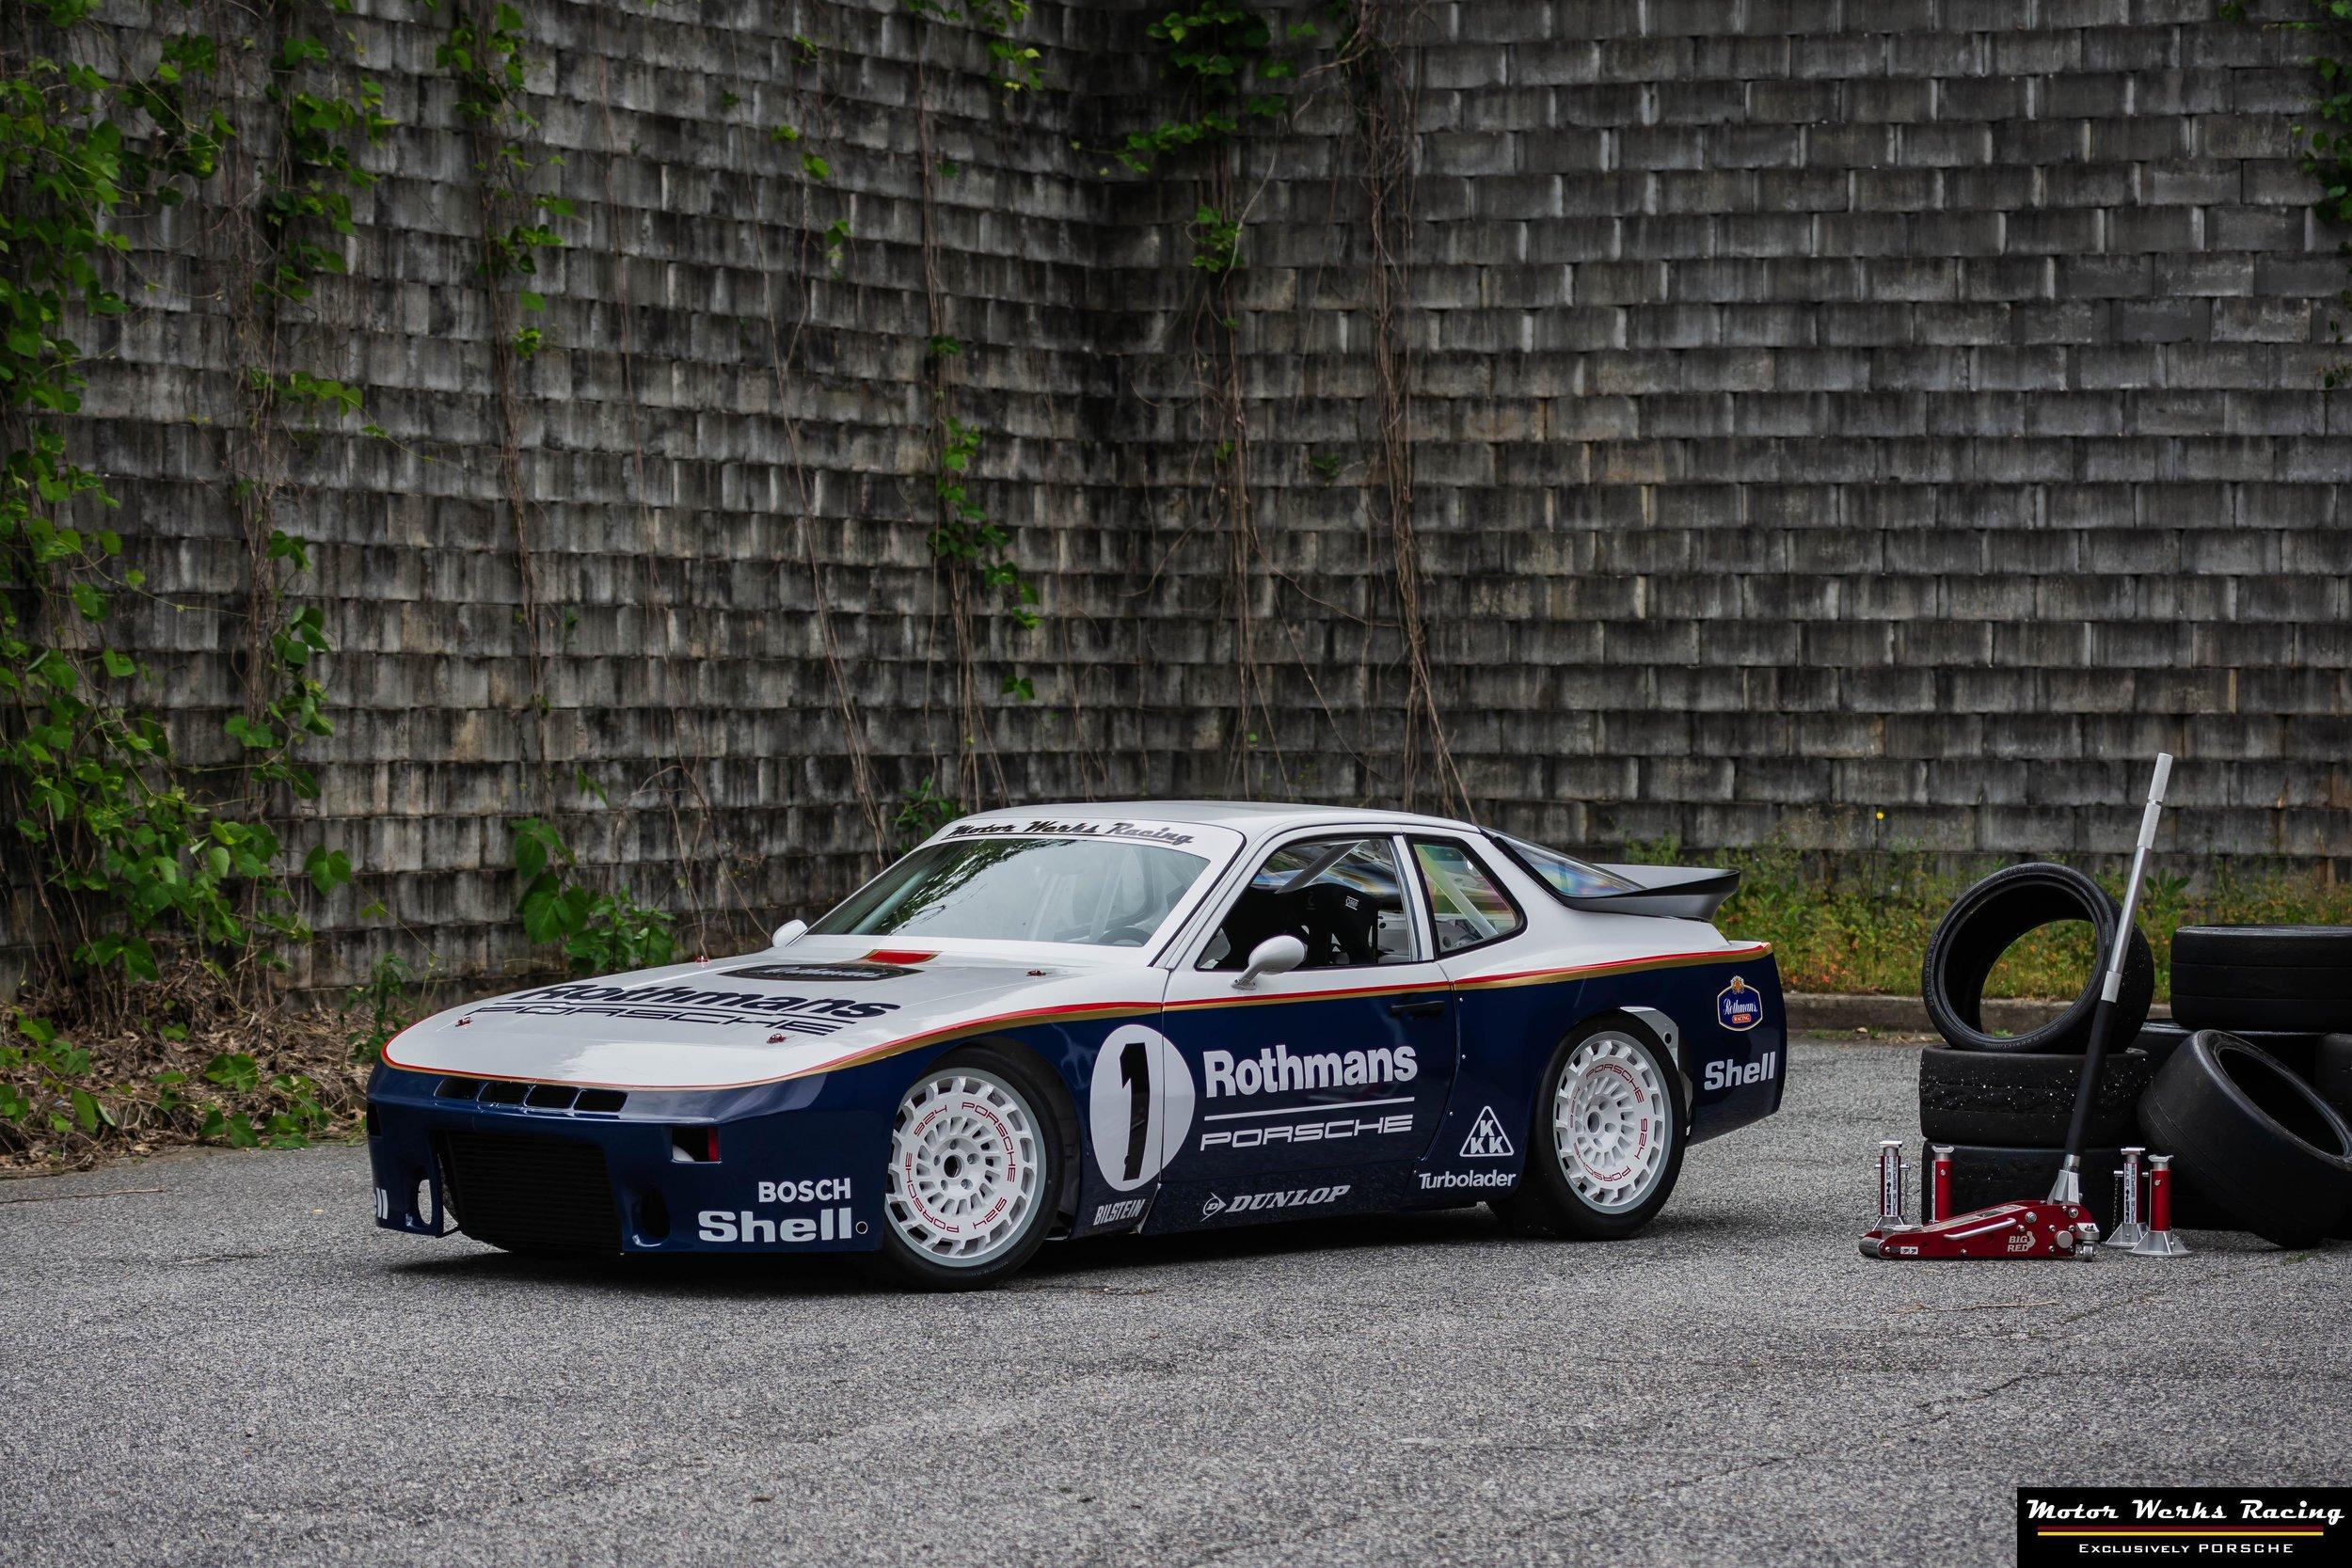 Motor Werks Racing Porsche Track Builds